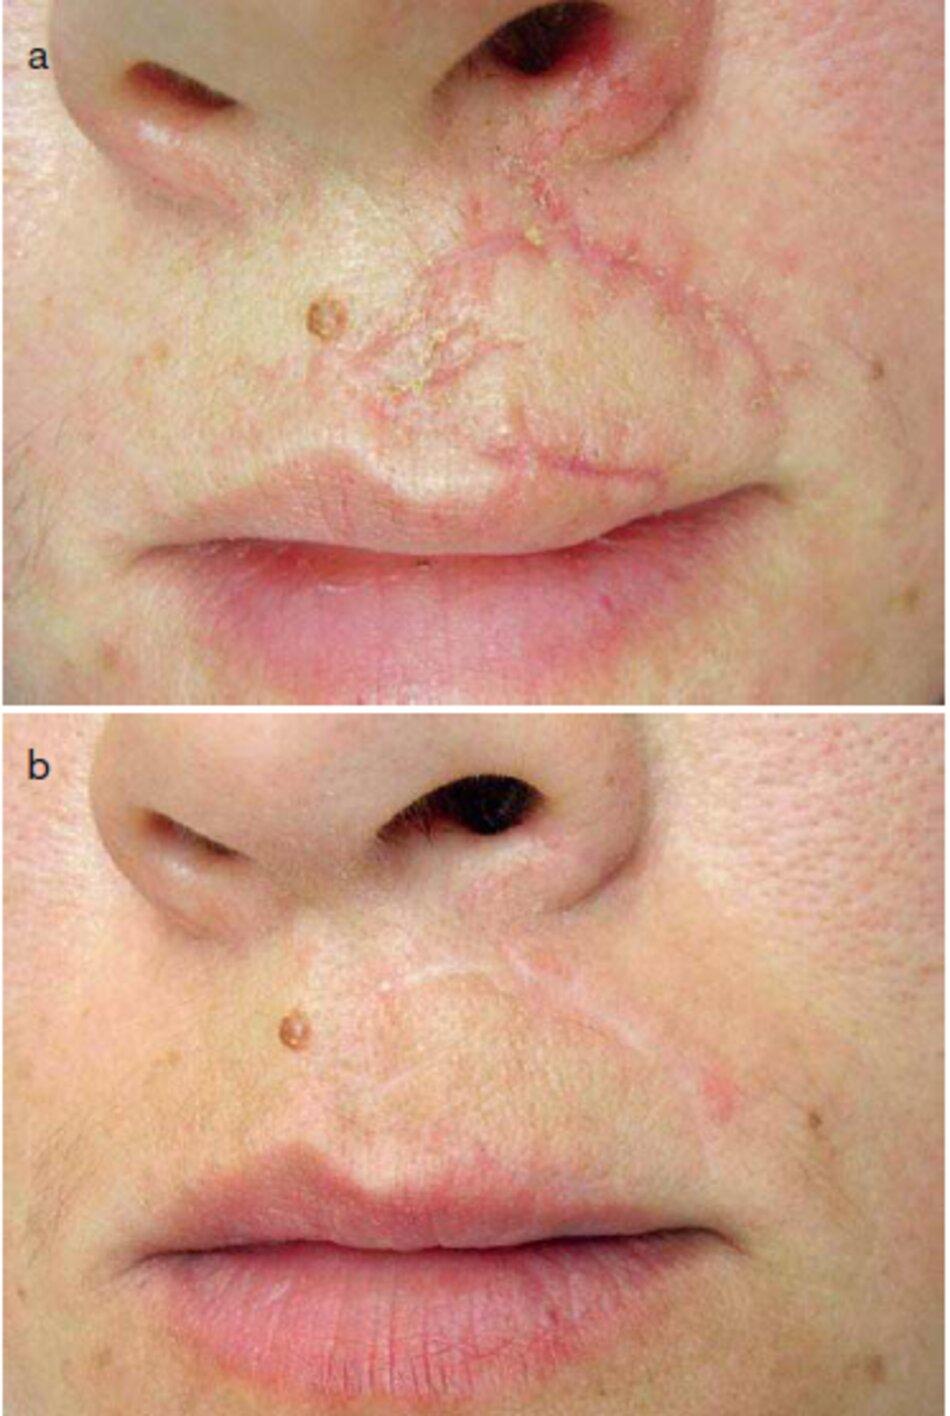 Fig. 3.27 Sẹo mòi trên sau chấn thương, (a) trước điều trị. (b) sau 7 tháng điều trị